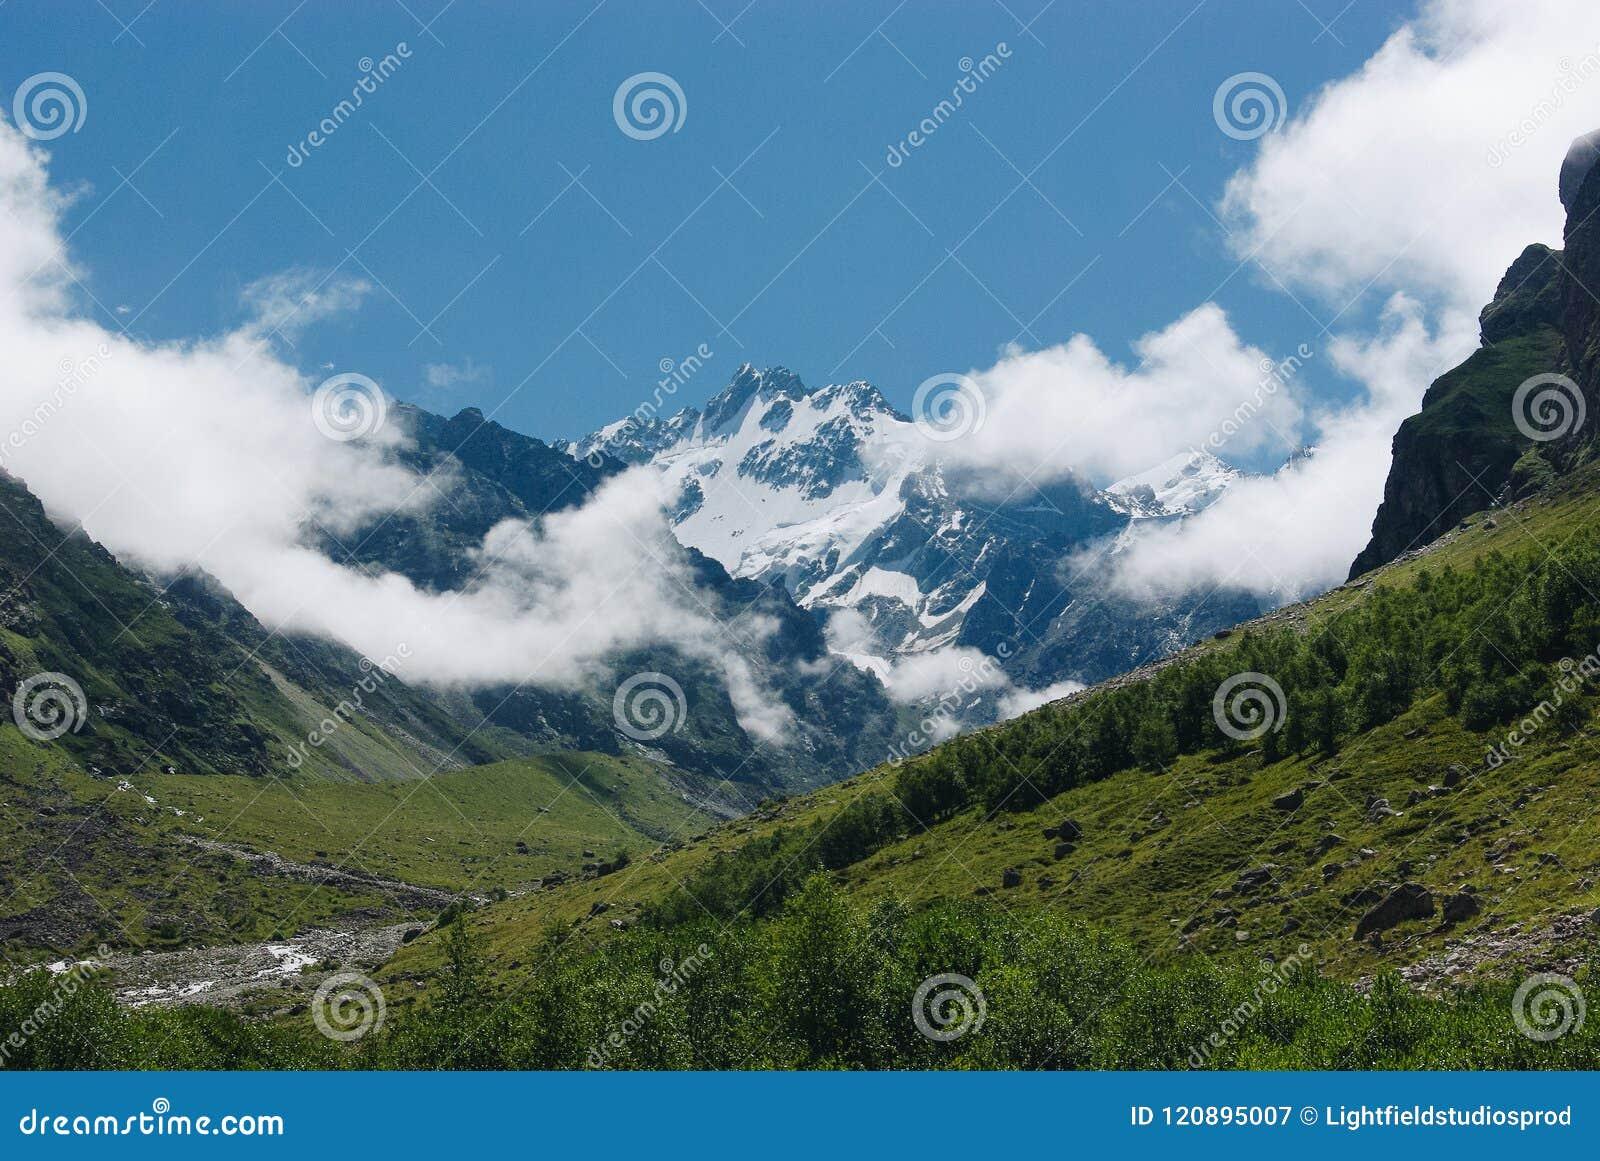 La vista stupefacente delle montagne abbellisce con neve, la Federazione Russa, Caucaso,